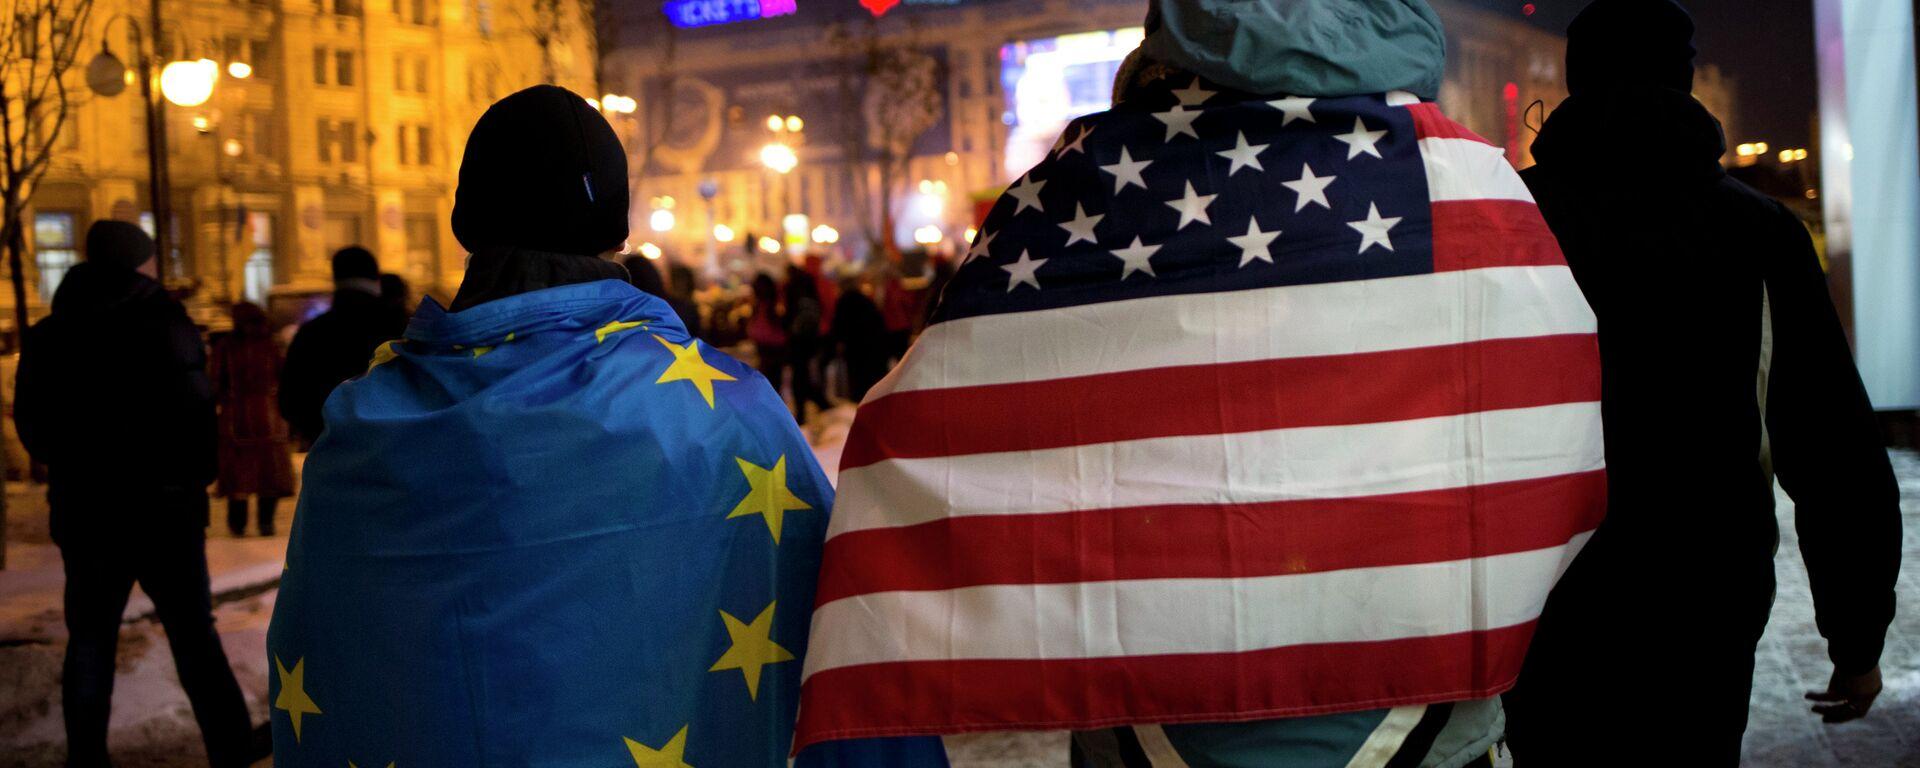 Vlajka USA a vlajka EU - Sputnik Česká republika, 1920, 29.05.2021